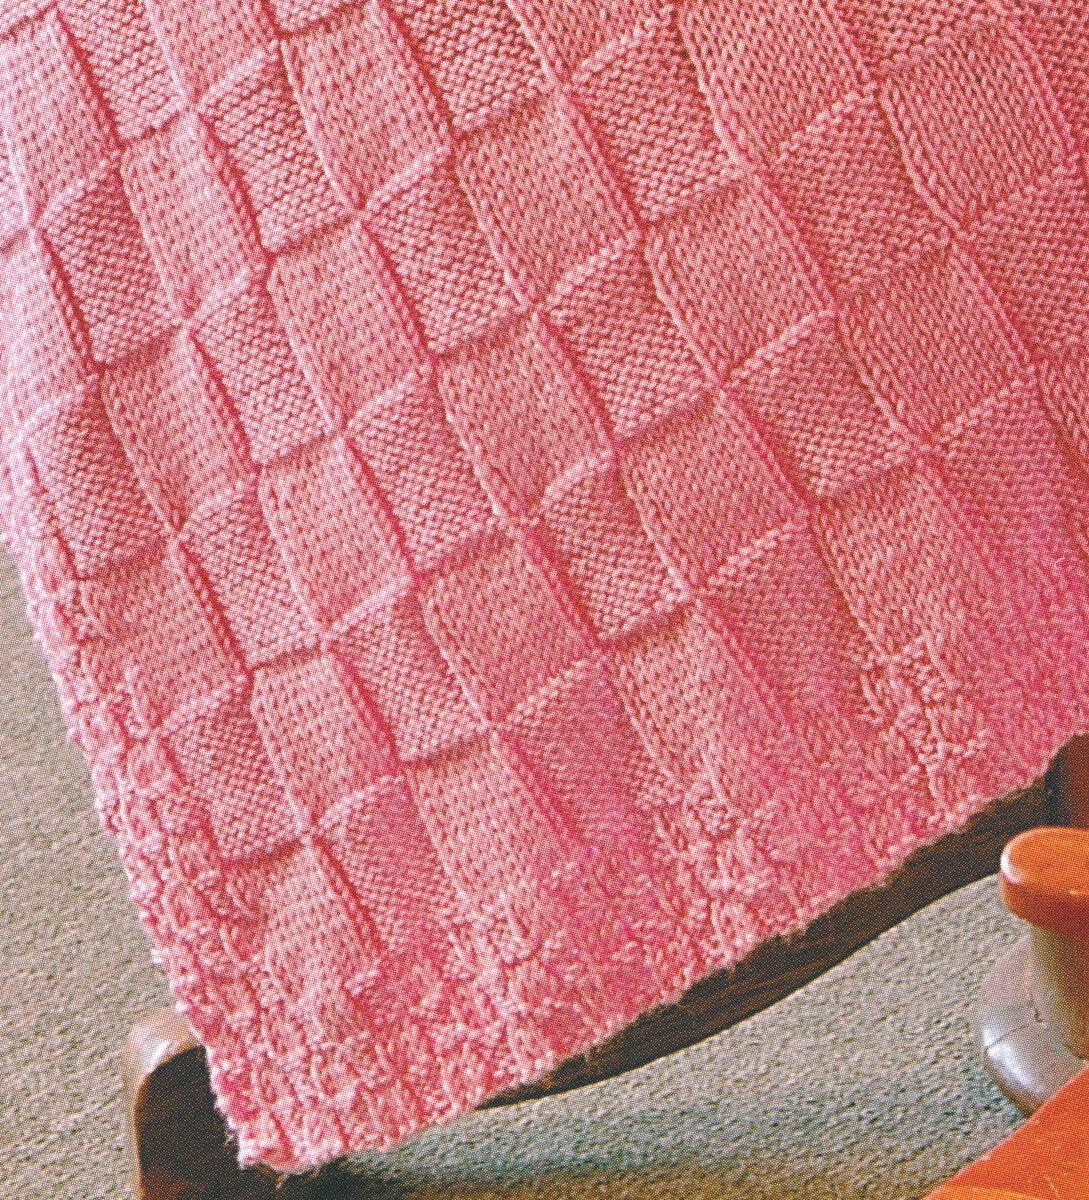 Easy Simple Plain/Purl Block Square Aran Baby Blanket 34